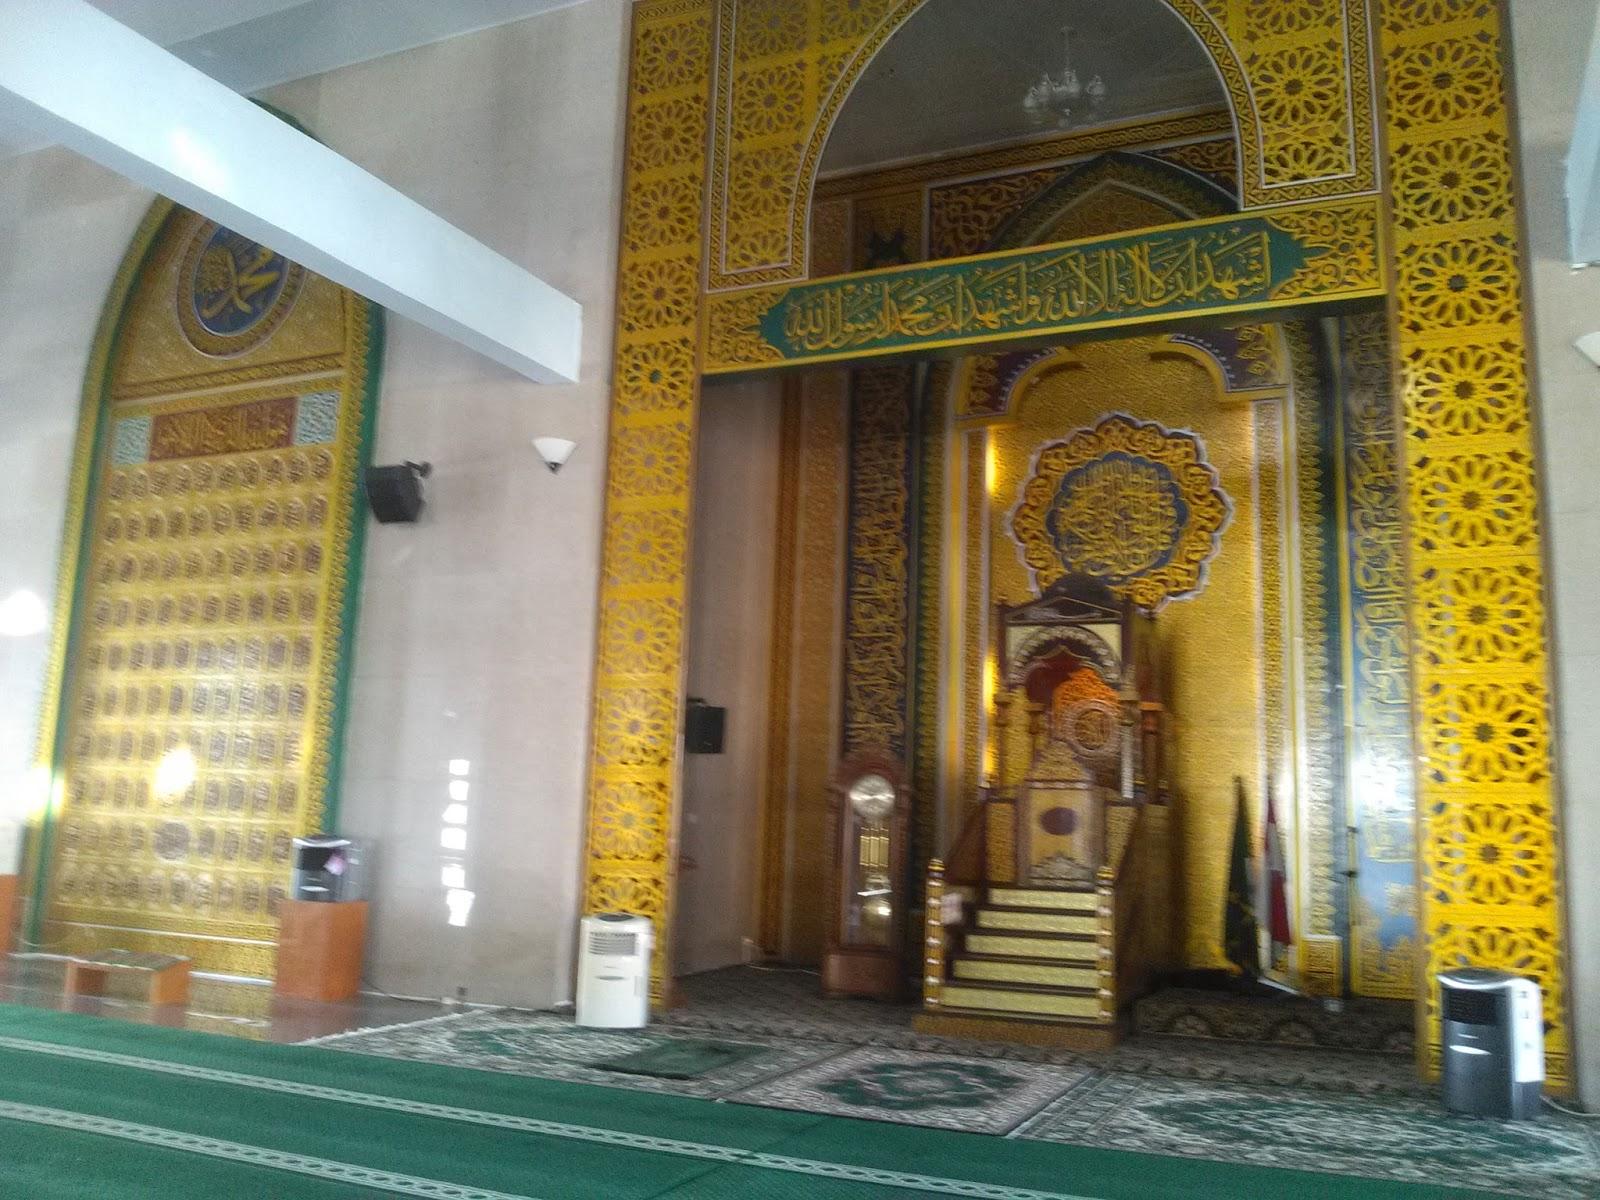 Hidup Inspirasi Nur Ilahi Masjid Anggun Atas Lautan Mimbar Sentuhan